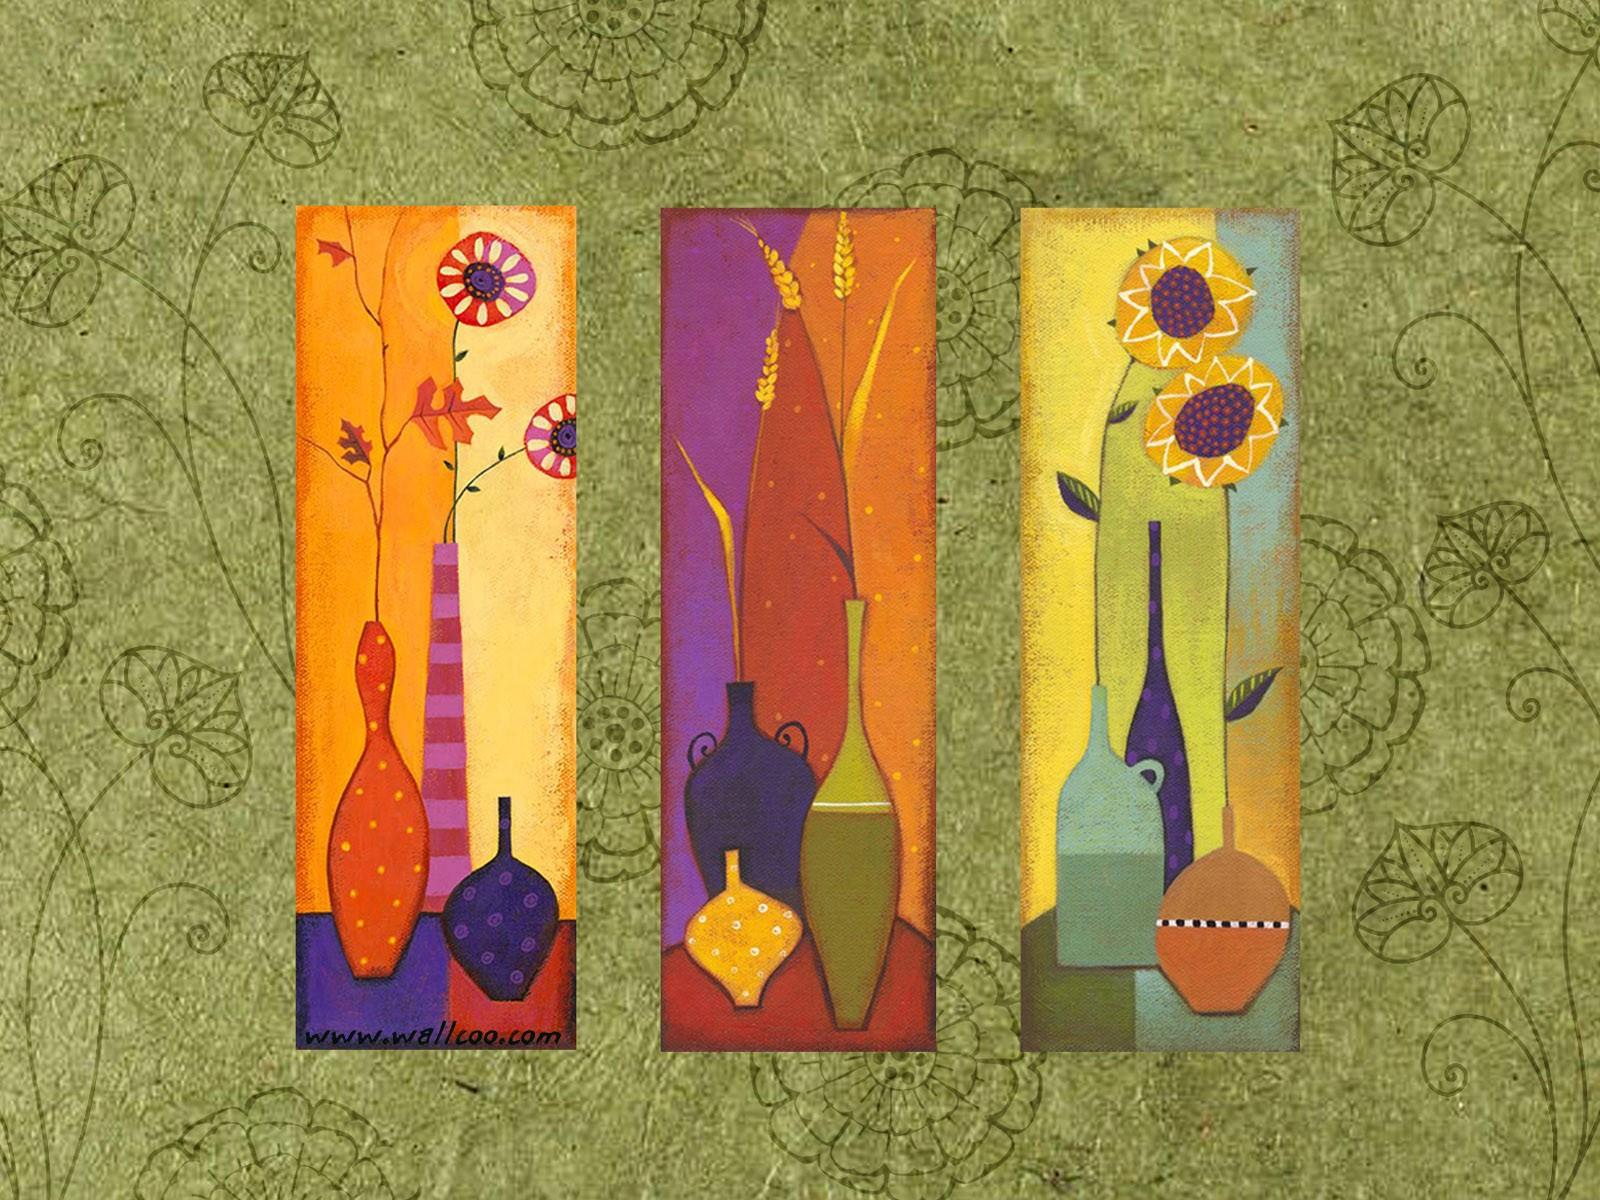 艺术与抽象花卉壁纸壁纸图片 花卉壁纸 花卉图片素材 -1200艺术花卉